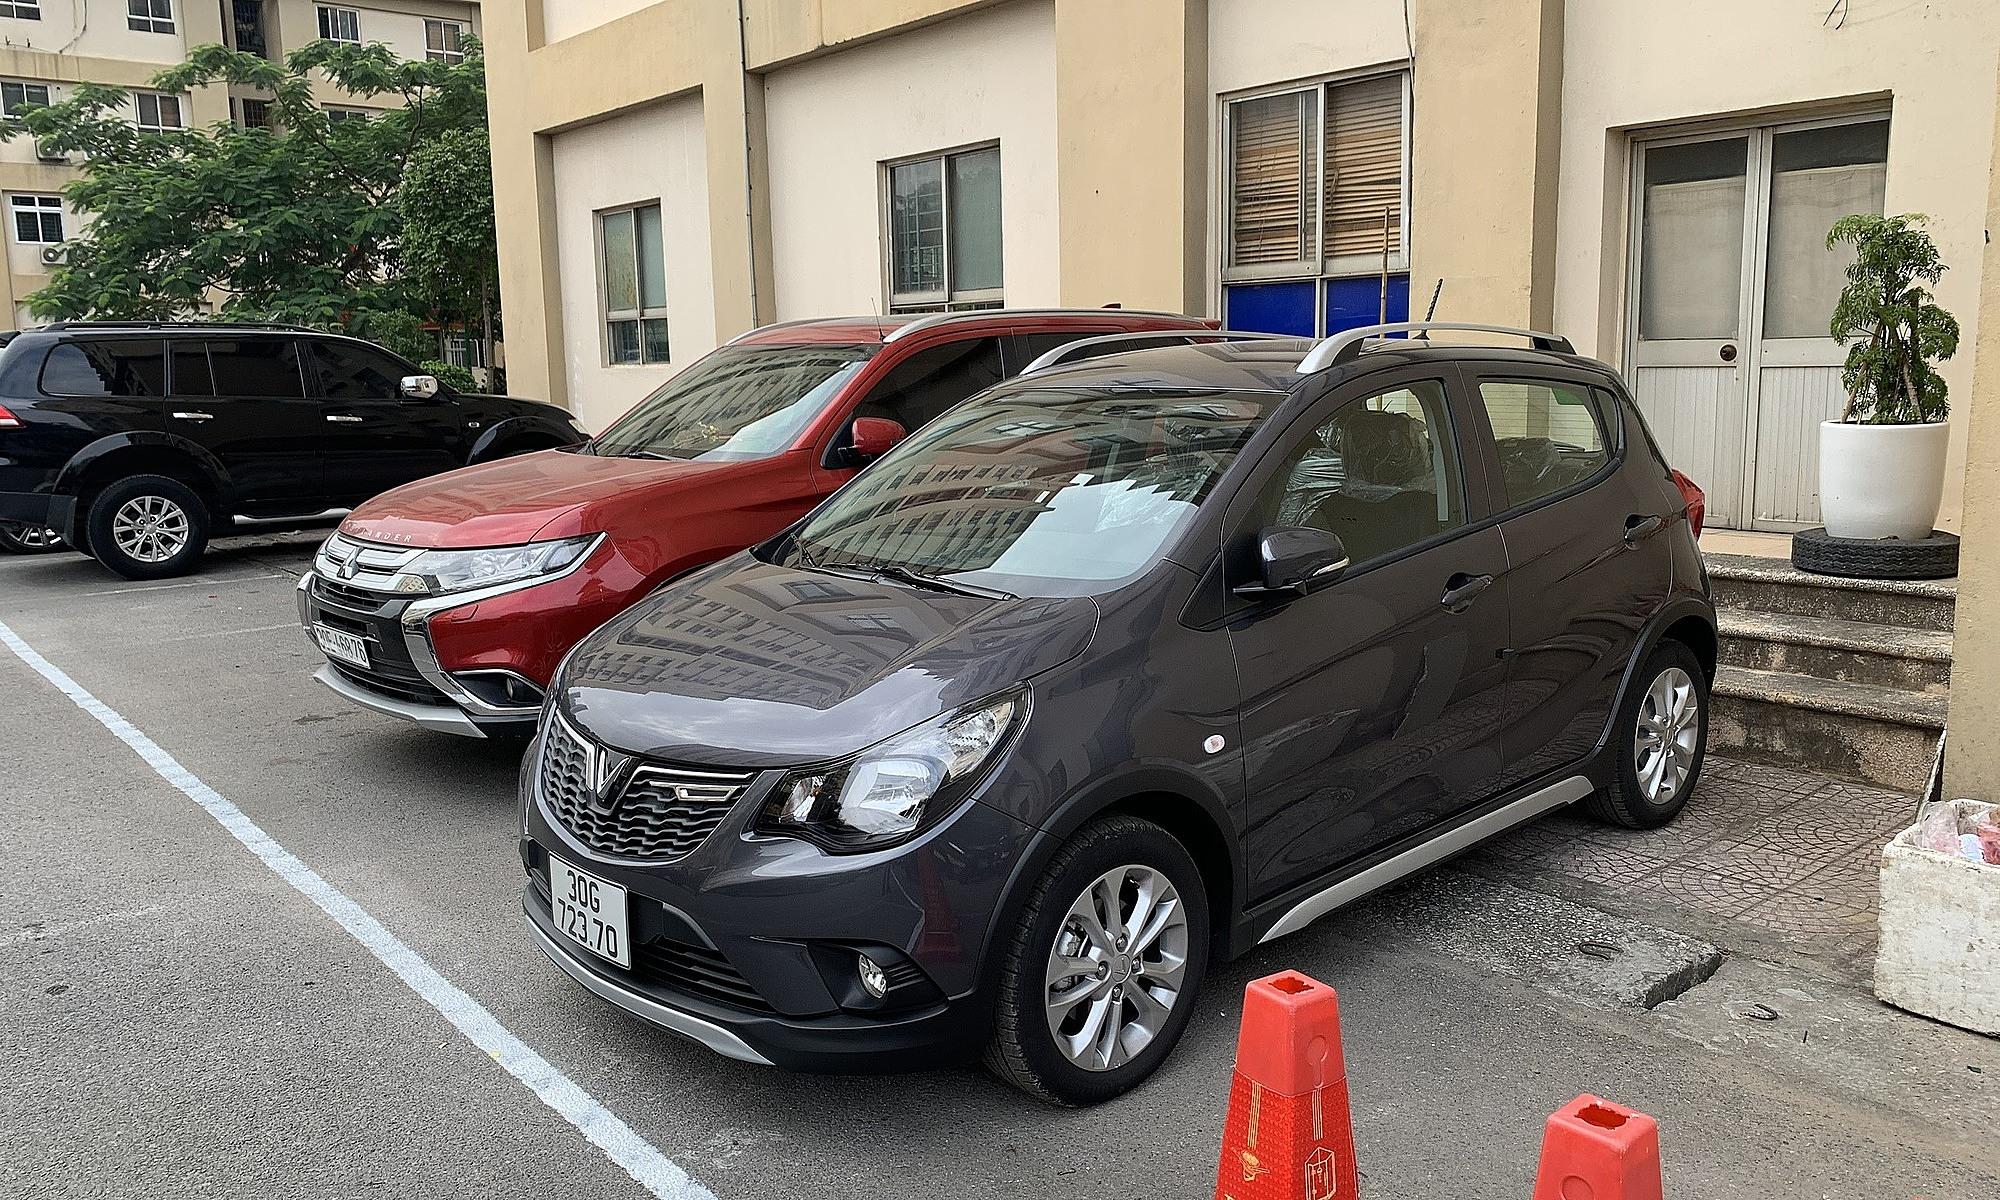 Xe gửi tại bãi xe dưới chân một tòa nhà tại Hà Nội. Ảnh: Đoàn Dũng